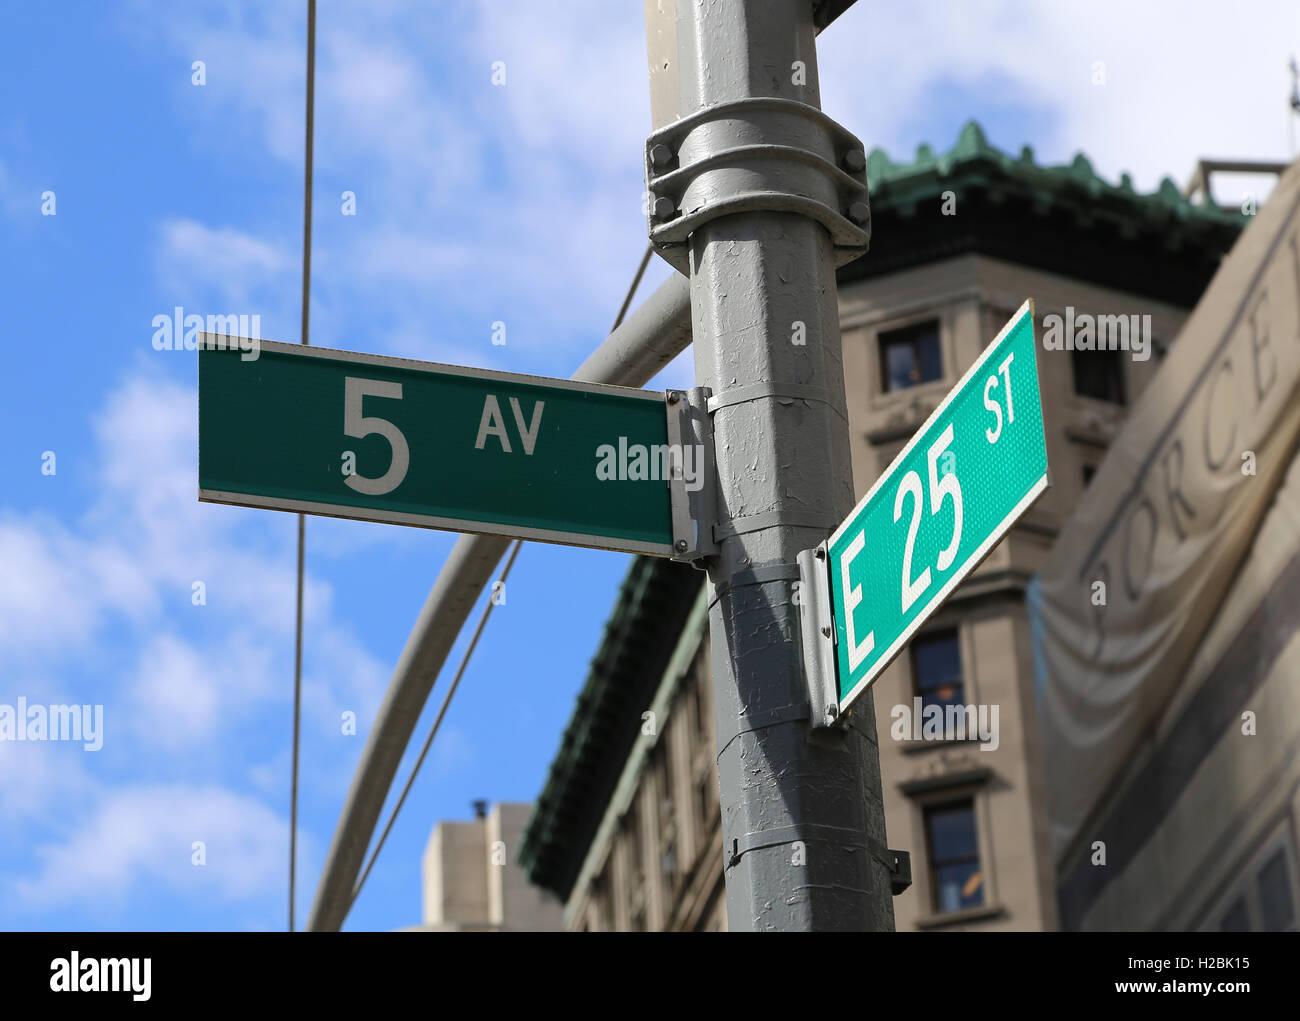 Indicare la Quinta Avenue. New York, Stati Uniti. Immagini Stock